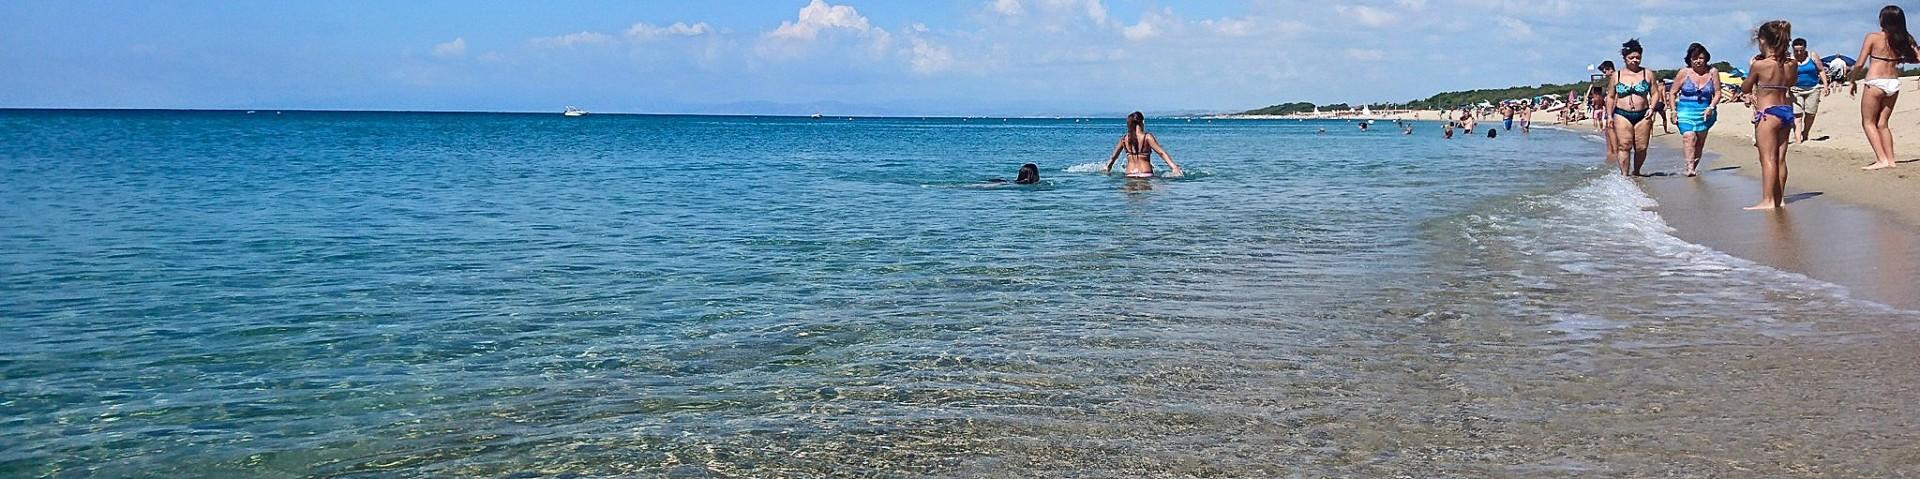 Marinella di Cutro, vstup do moře je pozvolný, písčitý